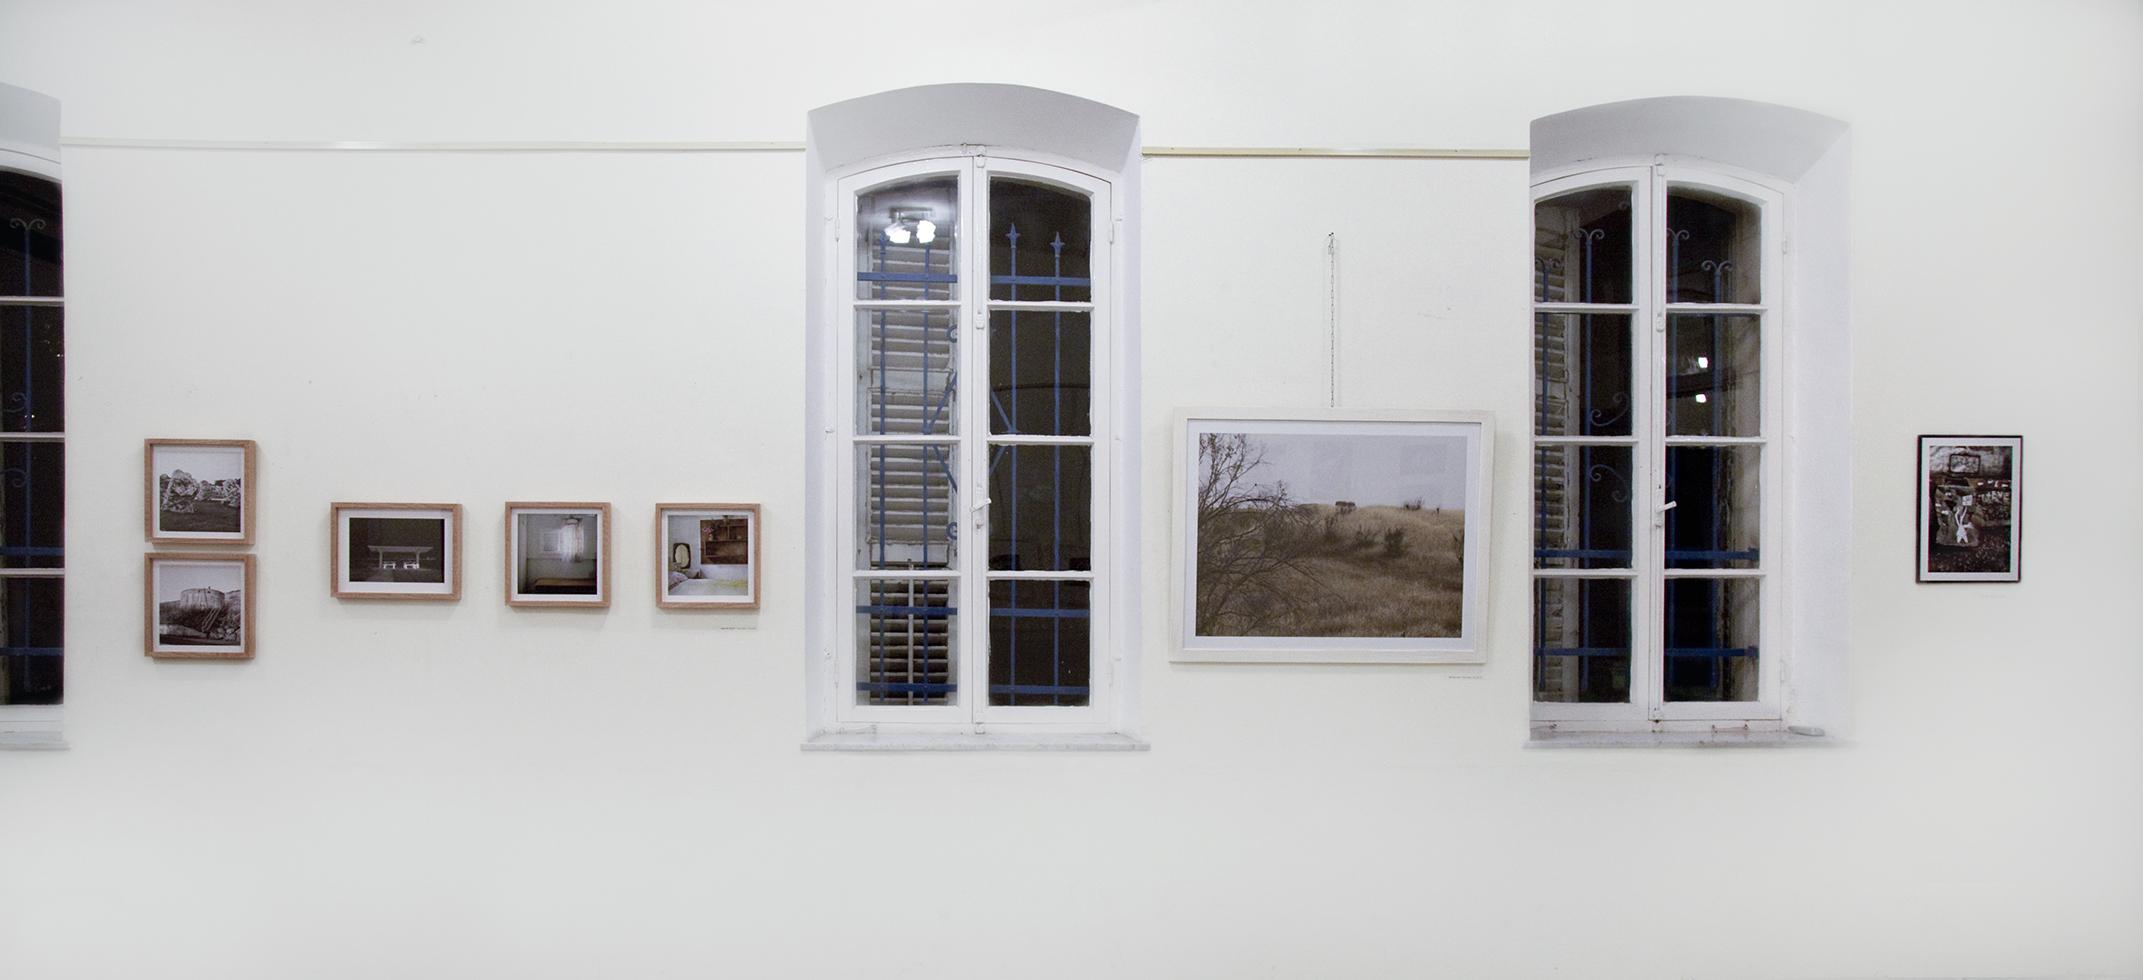 Exhibition, 2010